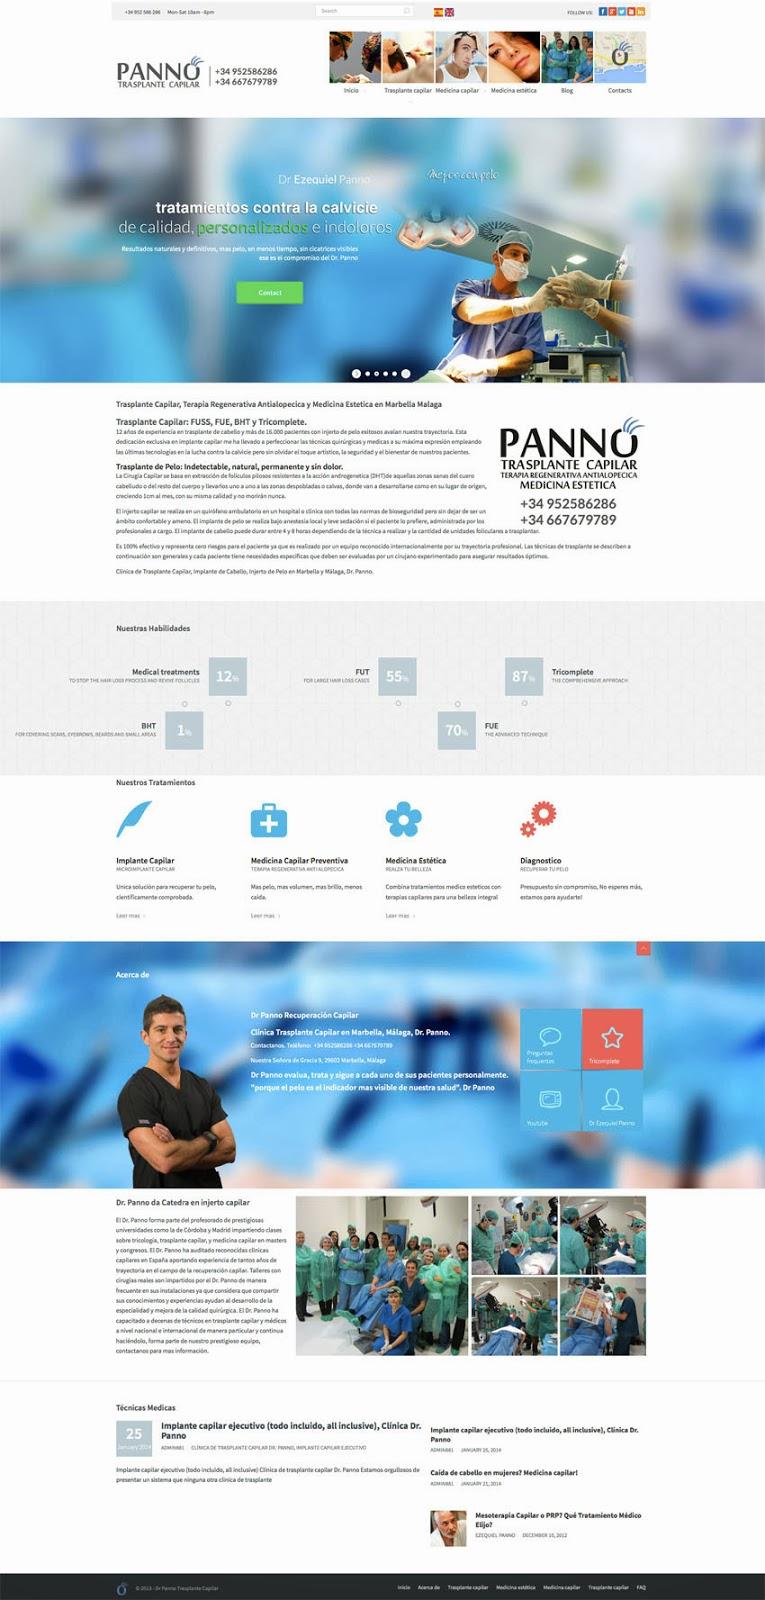 Dr Panno Trasplante Capilar y tratamientos capilar en Marbella and Malaga..